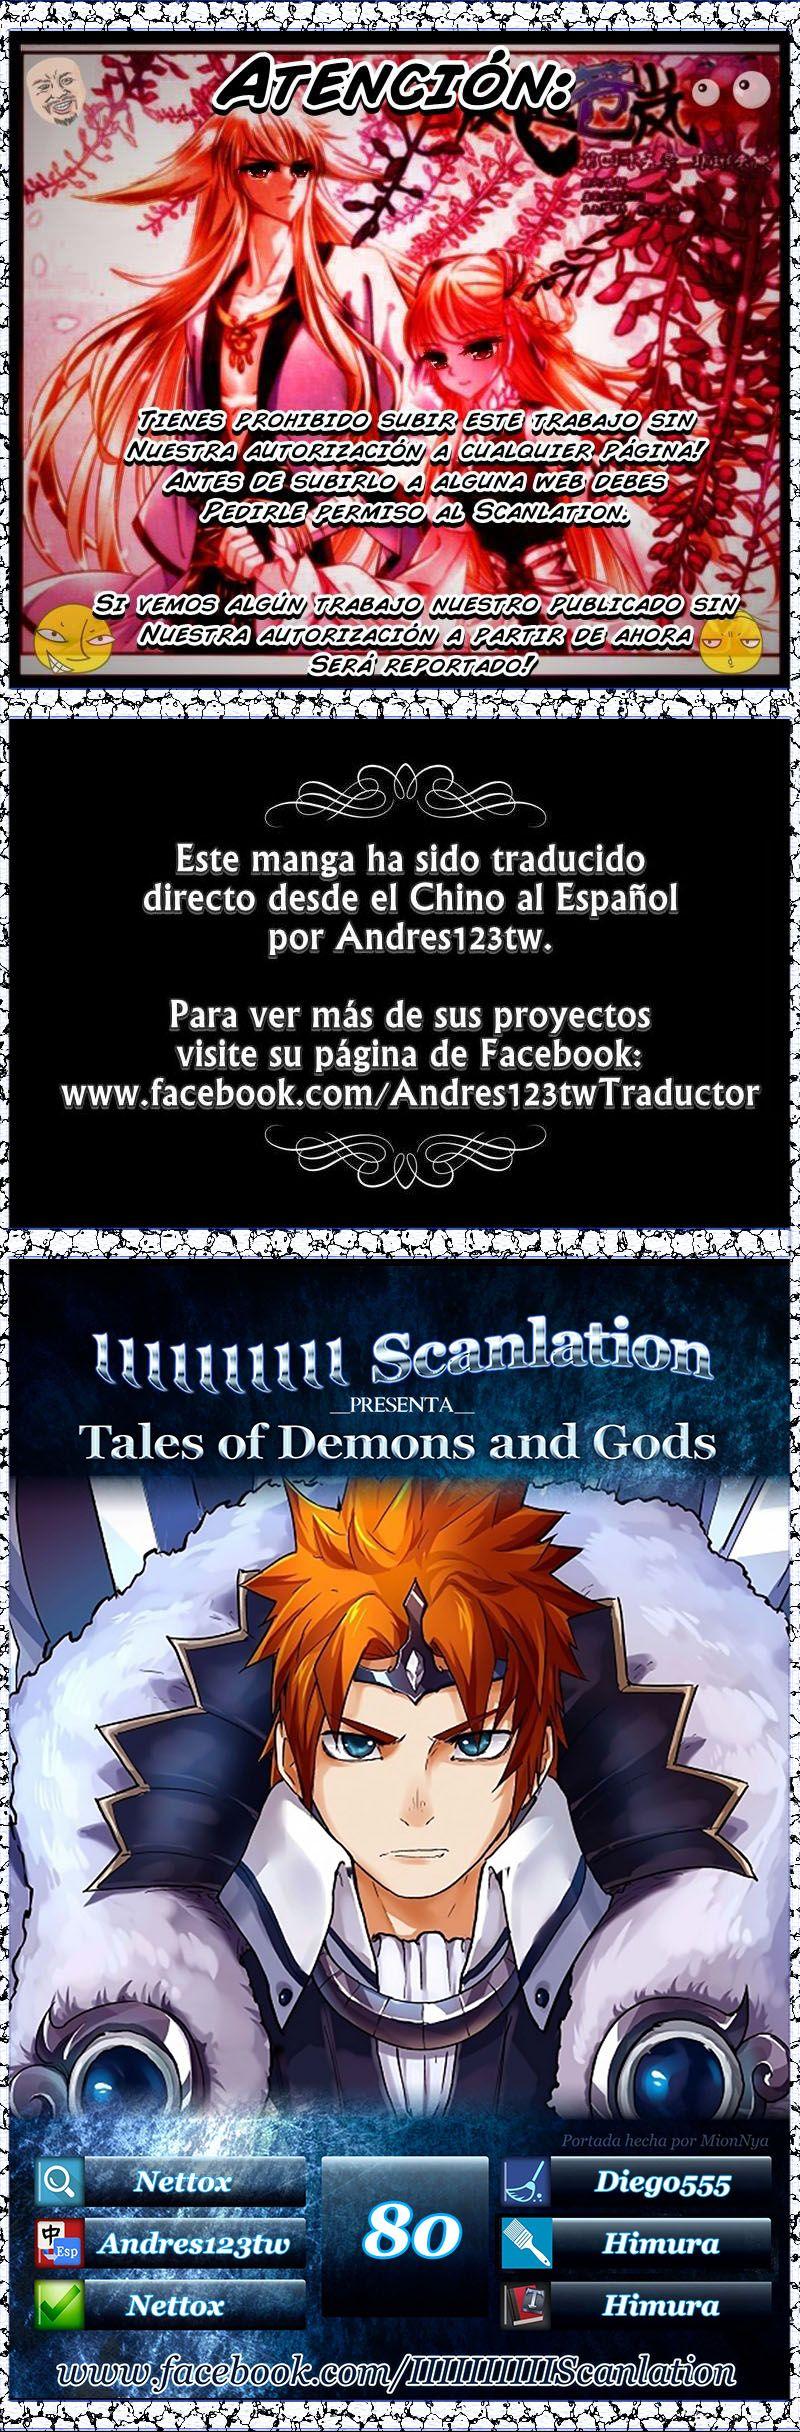 http://c5.ninemanga.com/es_manga/7/17735/462591/1bd4b29a8e0afccd9923fe29cecb4b29.jpg Page 1